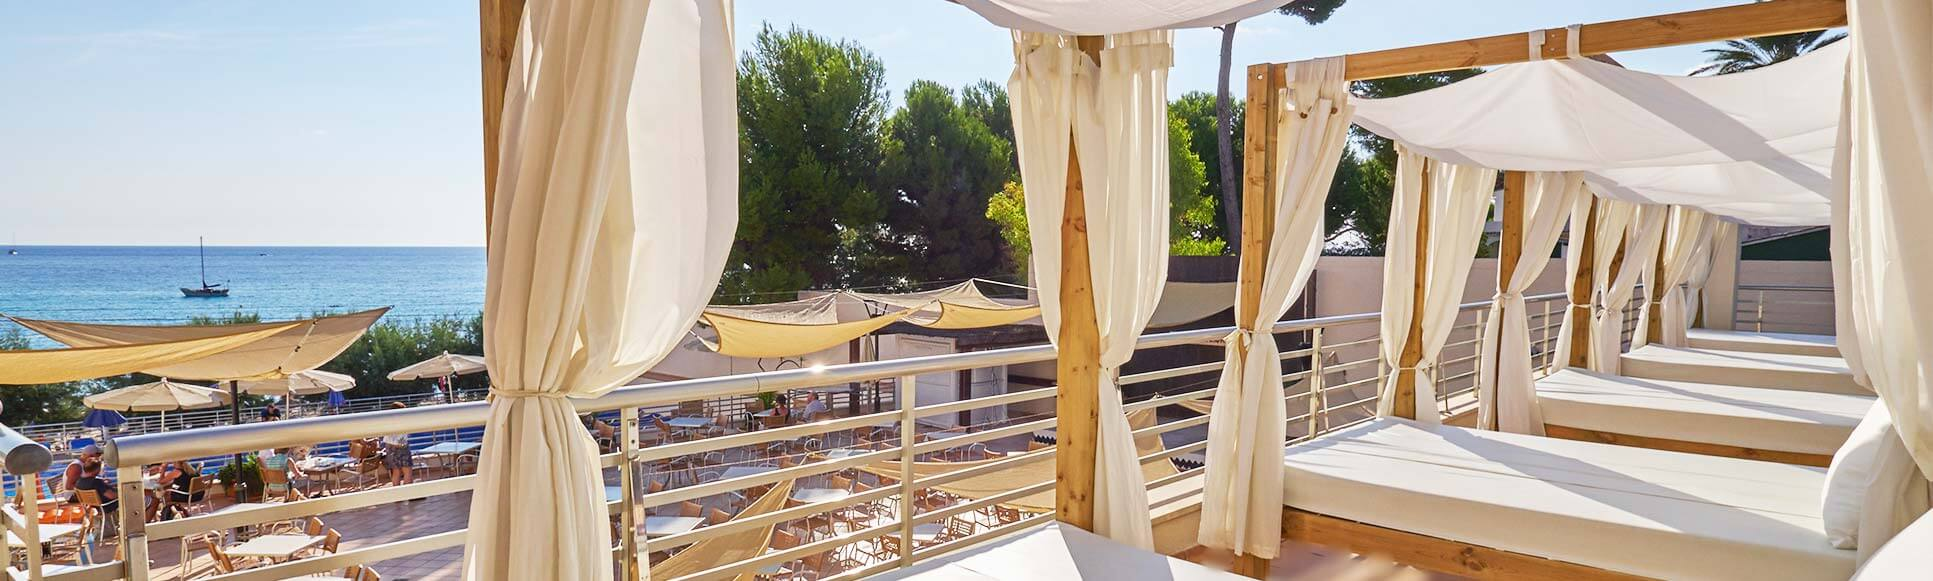 Na Forana Hotel 4 * in Cala Ratjada, Mallorca, Balearische Inseln ...